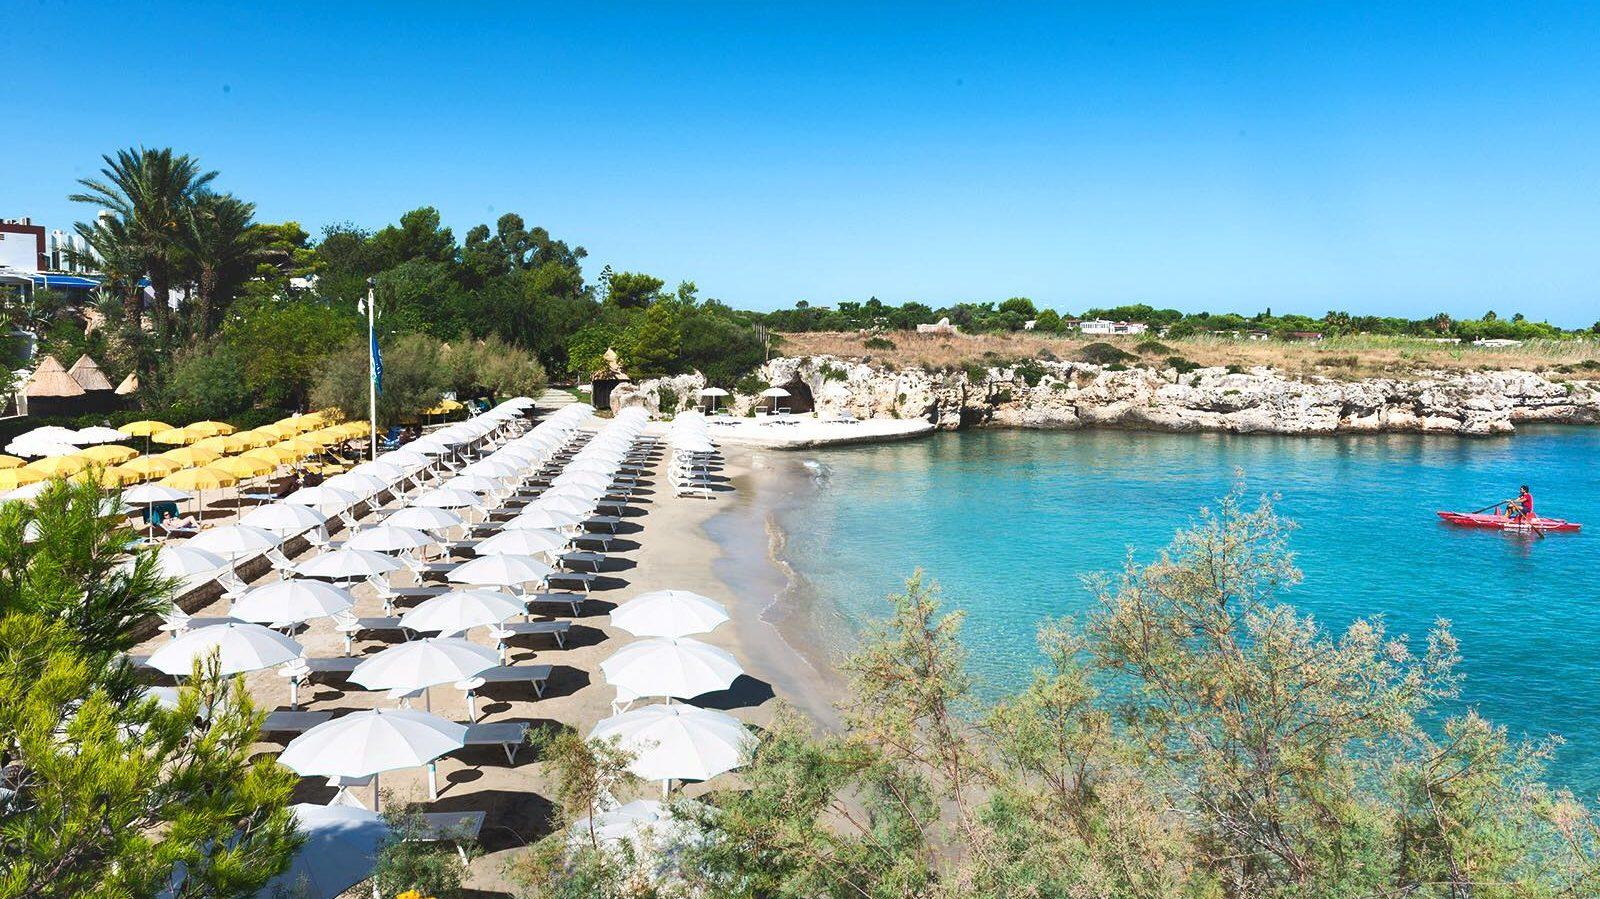 La migliore spiaggia italiana 2019 è a Polignano 18 La migliore spiaggia italiana 2019 è a Polignano